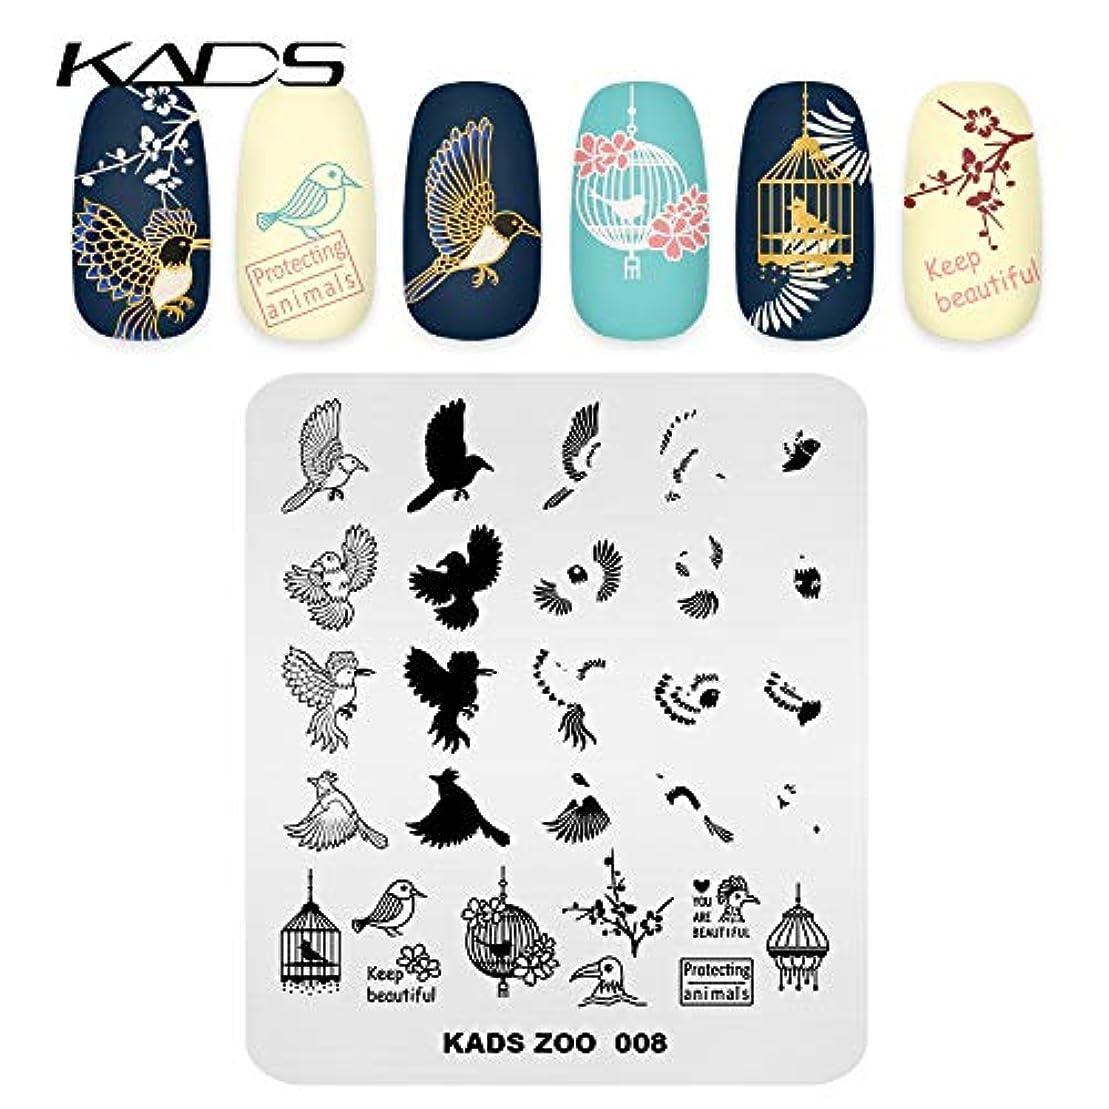 KADS ネイルアートスタンピングプレート パターンスタンプテンプレート ネイルイメージプレート (ZO008)